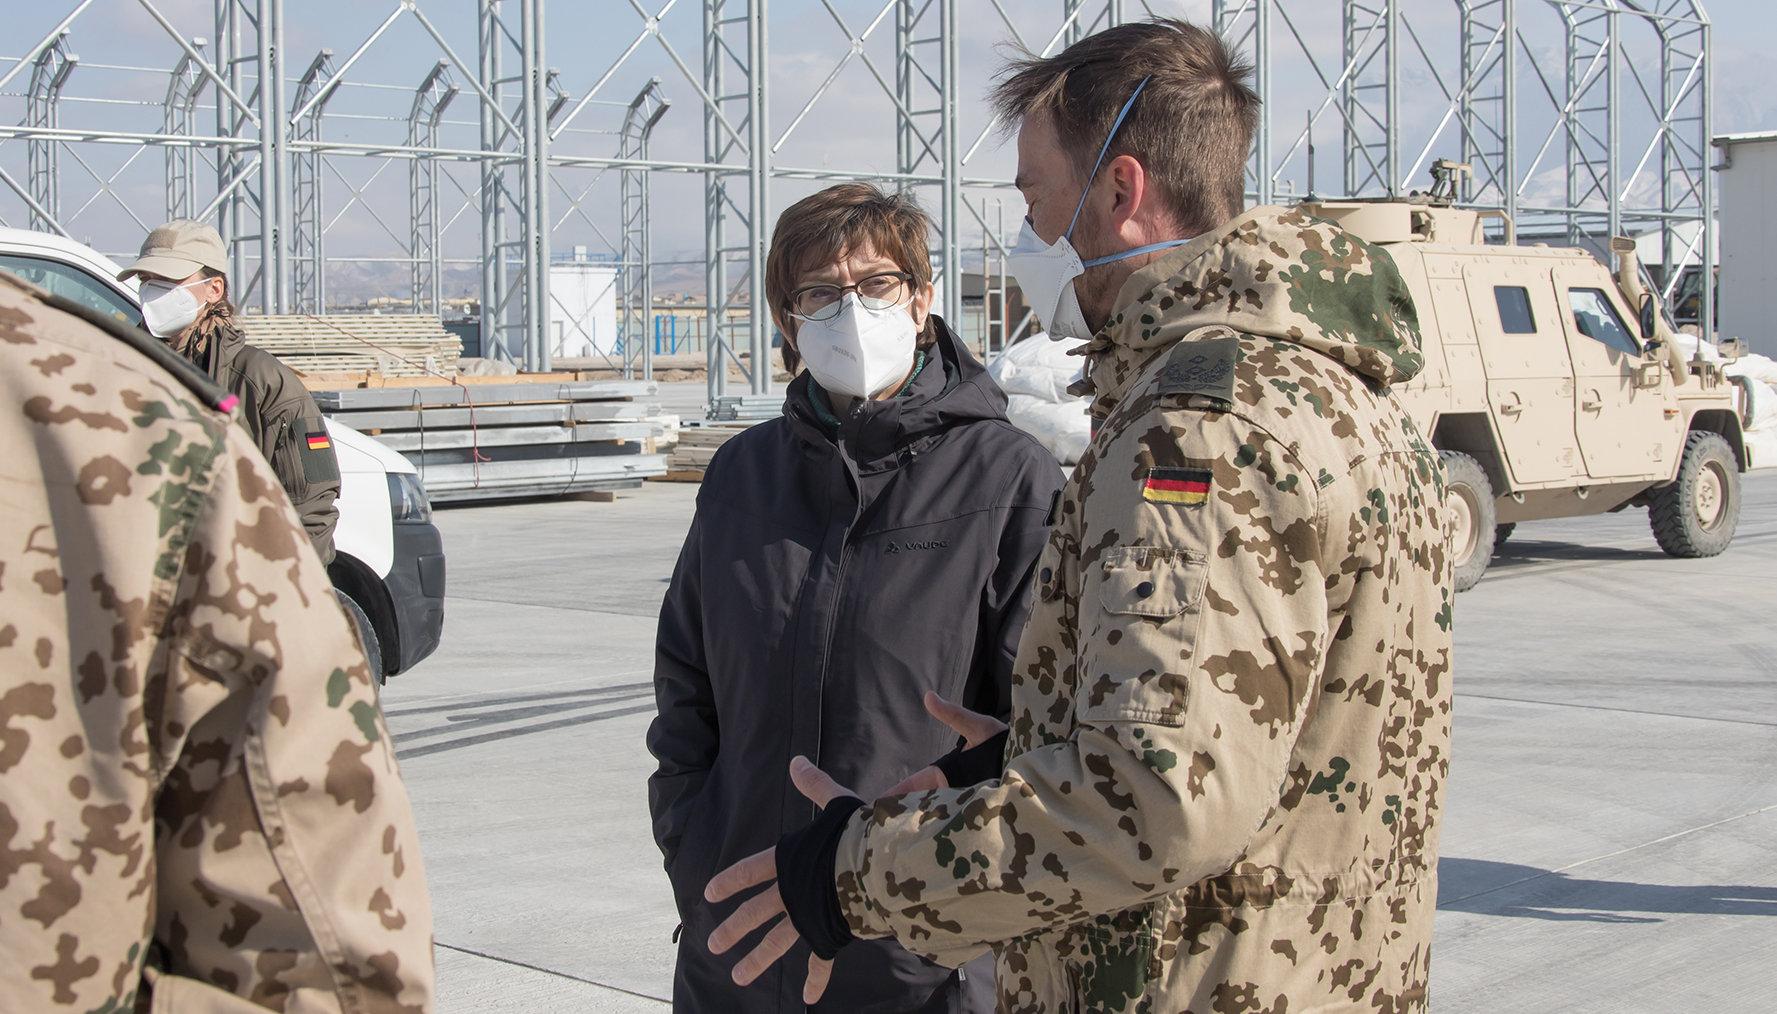 Verteidigungsministerin Annegret Kramp-Karrenbauer #AKK stattet der Truppe in Afghanistan einen Überraschungsbesuch ab